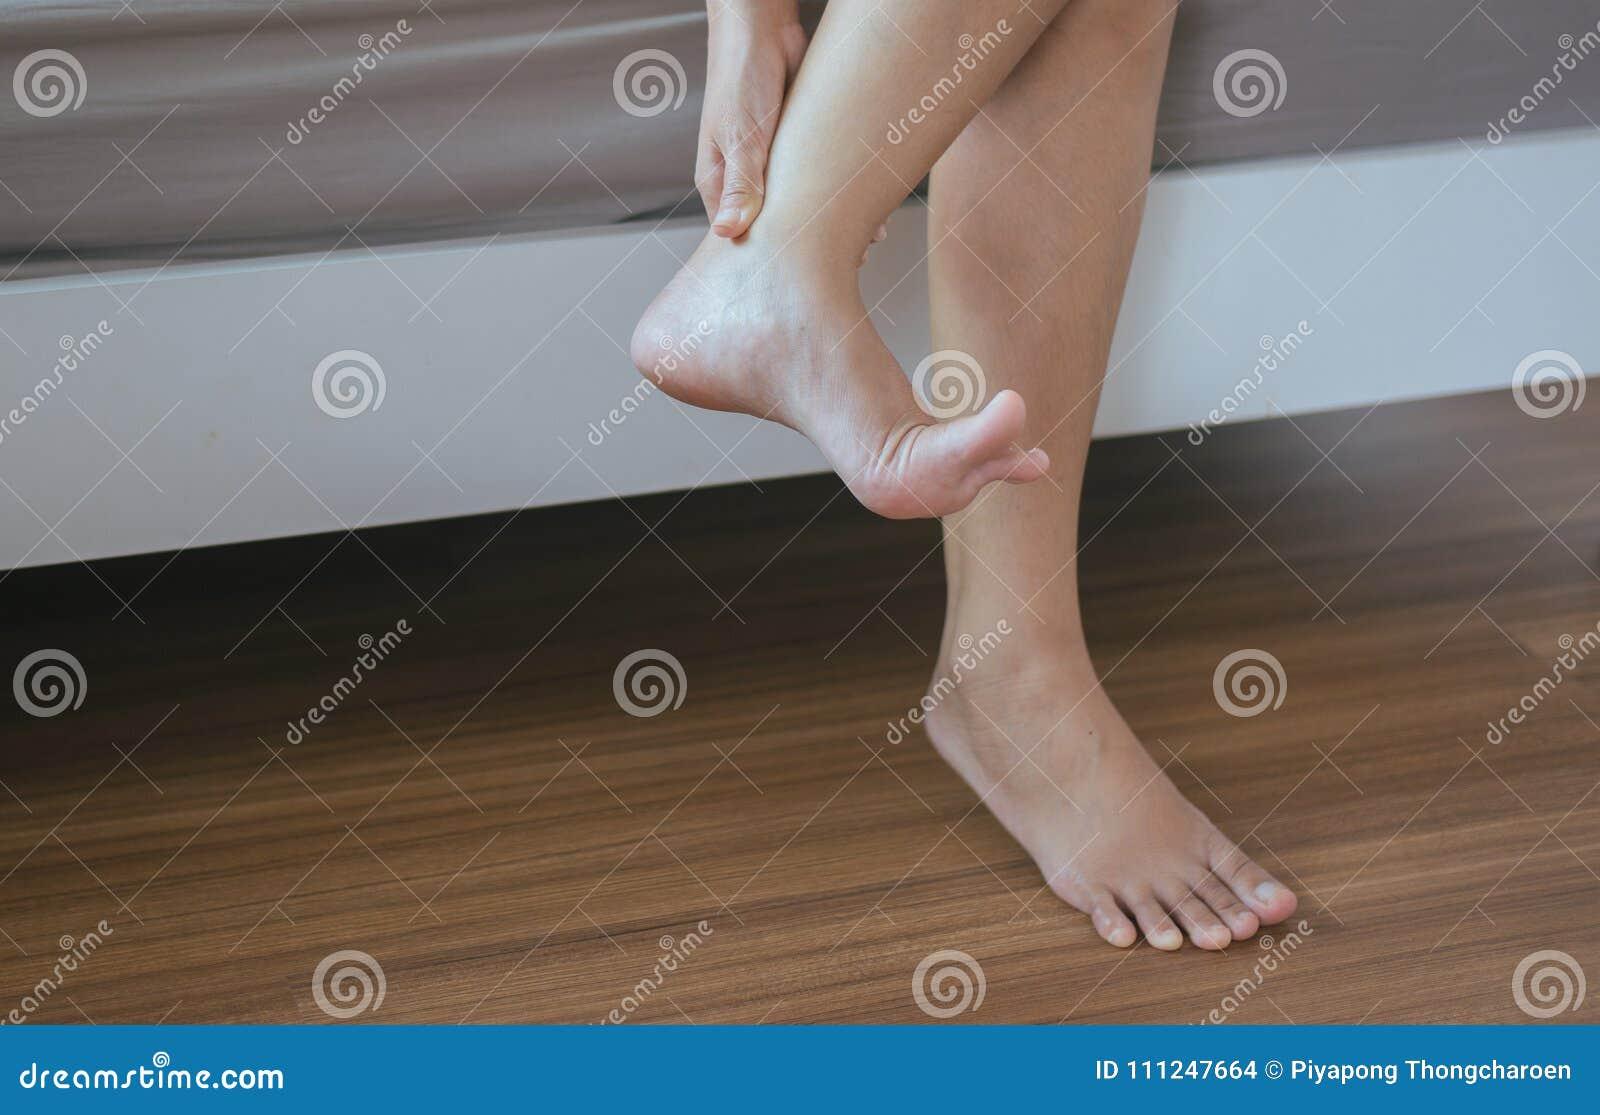 Handvrouw met enkelverwonding, Massagepijn die, Wijfje en pijnlijke verstuikte enkel kwetsen houden